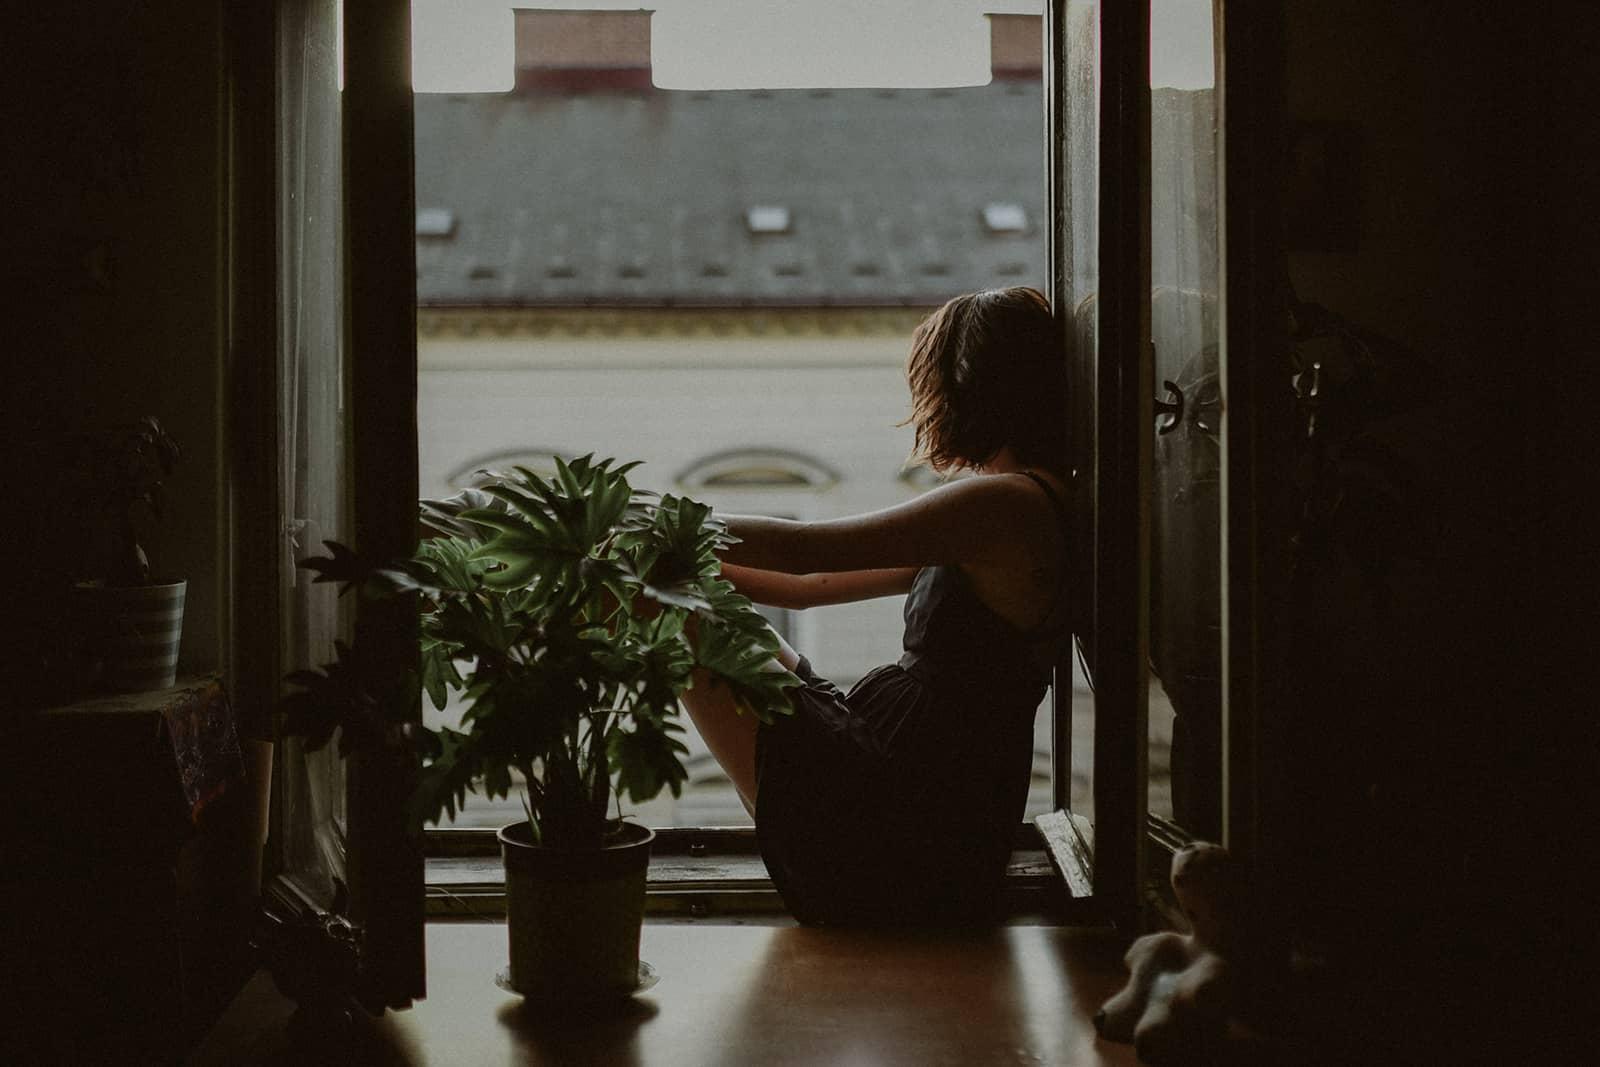 Ich Will Alleine Sein Und Meine Ruhe Haben: Gesund Oder Beunruhigend?